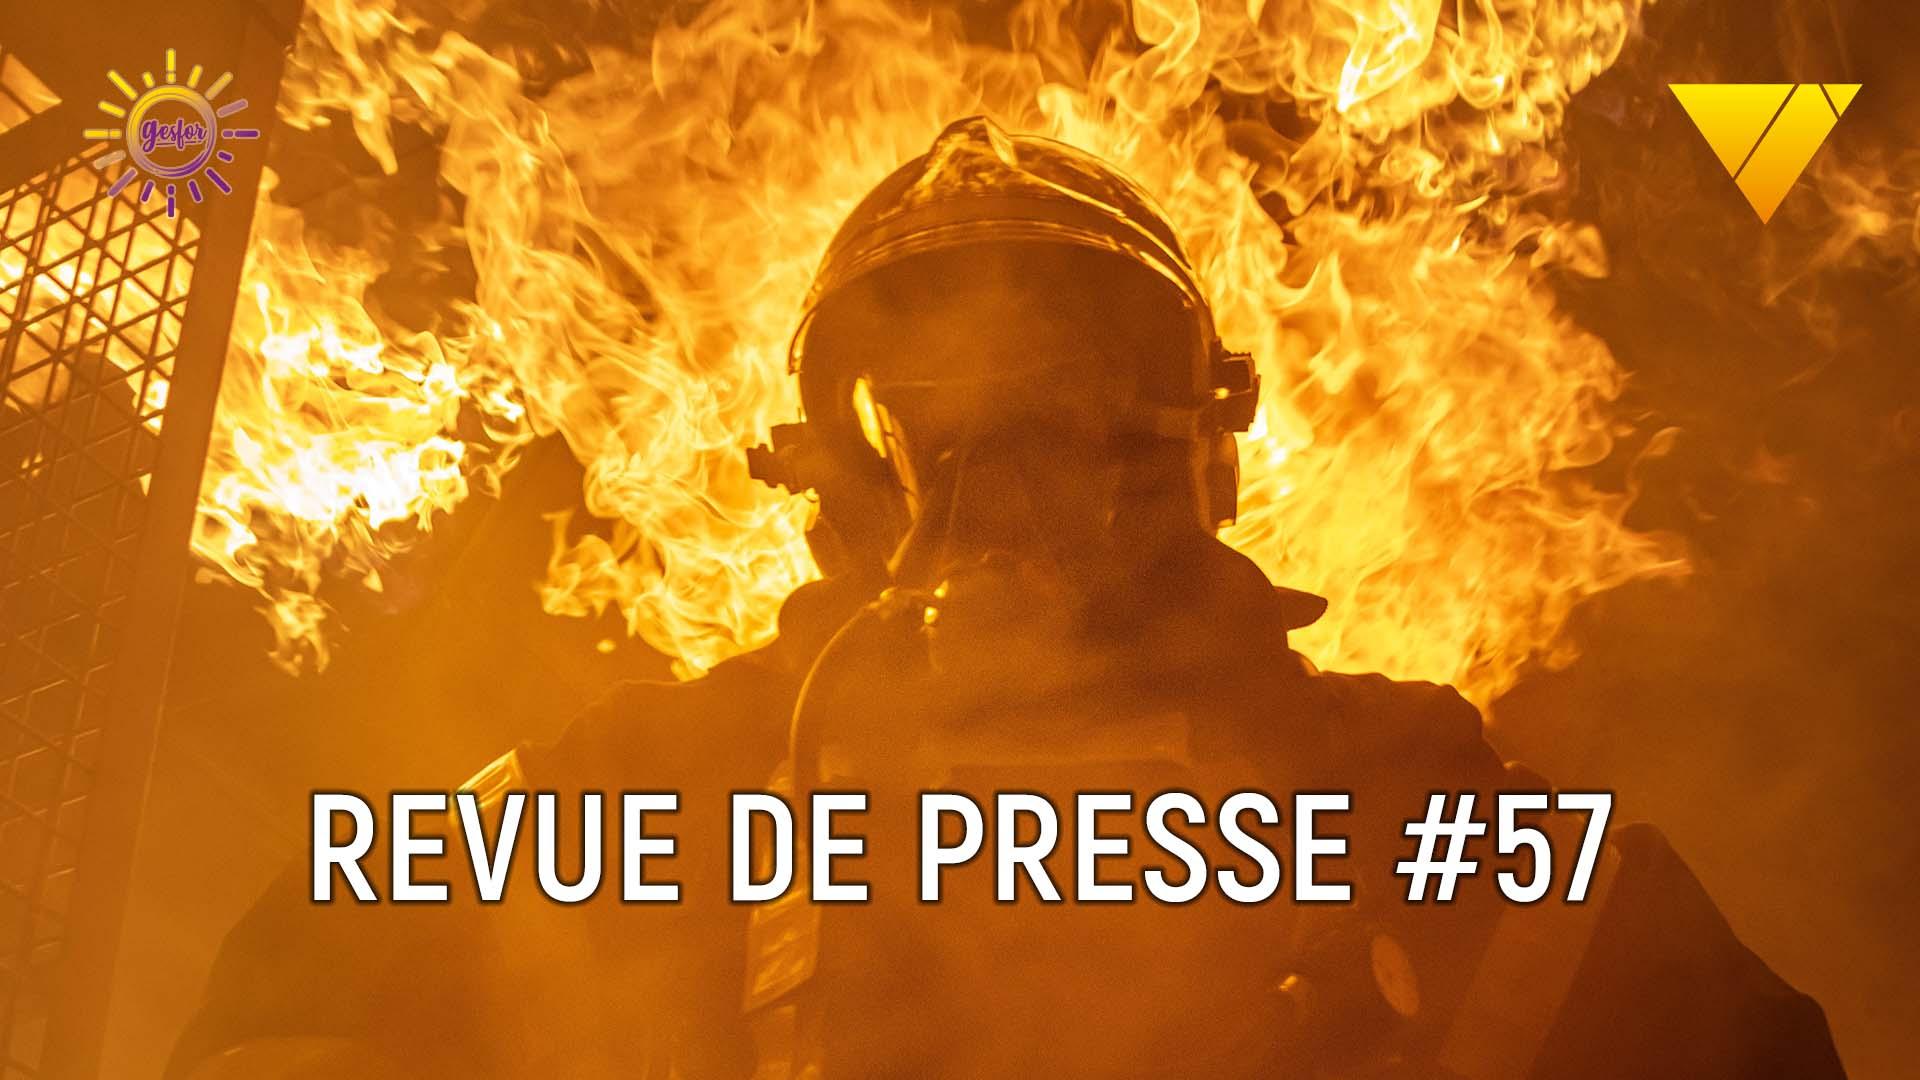 illustration de la revue de presse sur les accidents du travail 57 avec un article sur les spt des pompier et les accidents catec